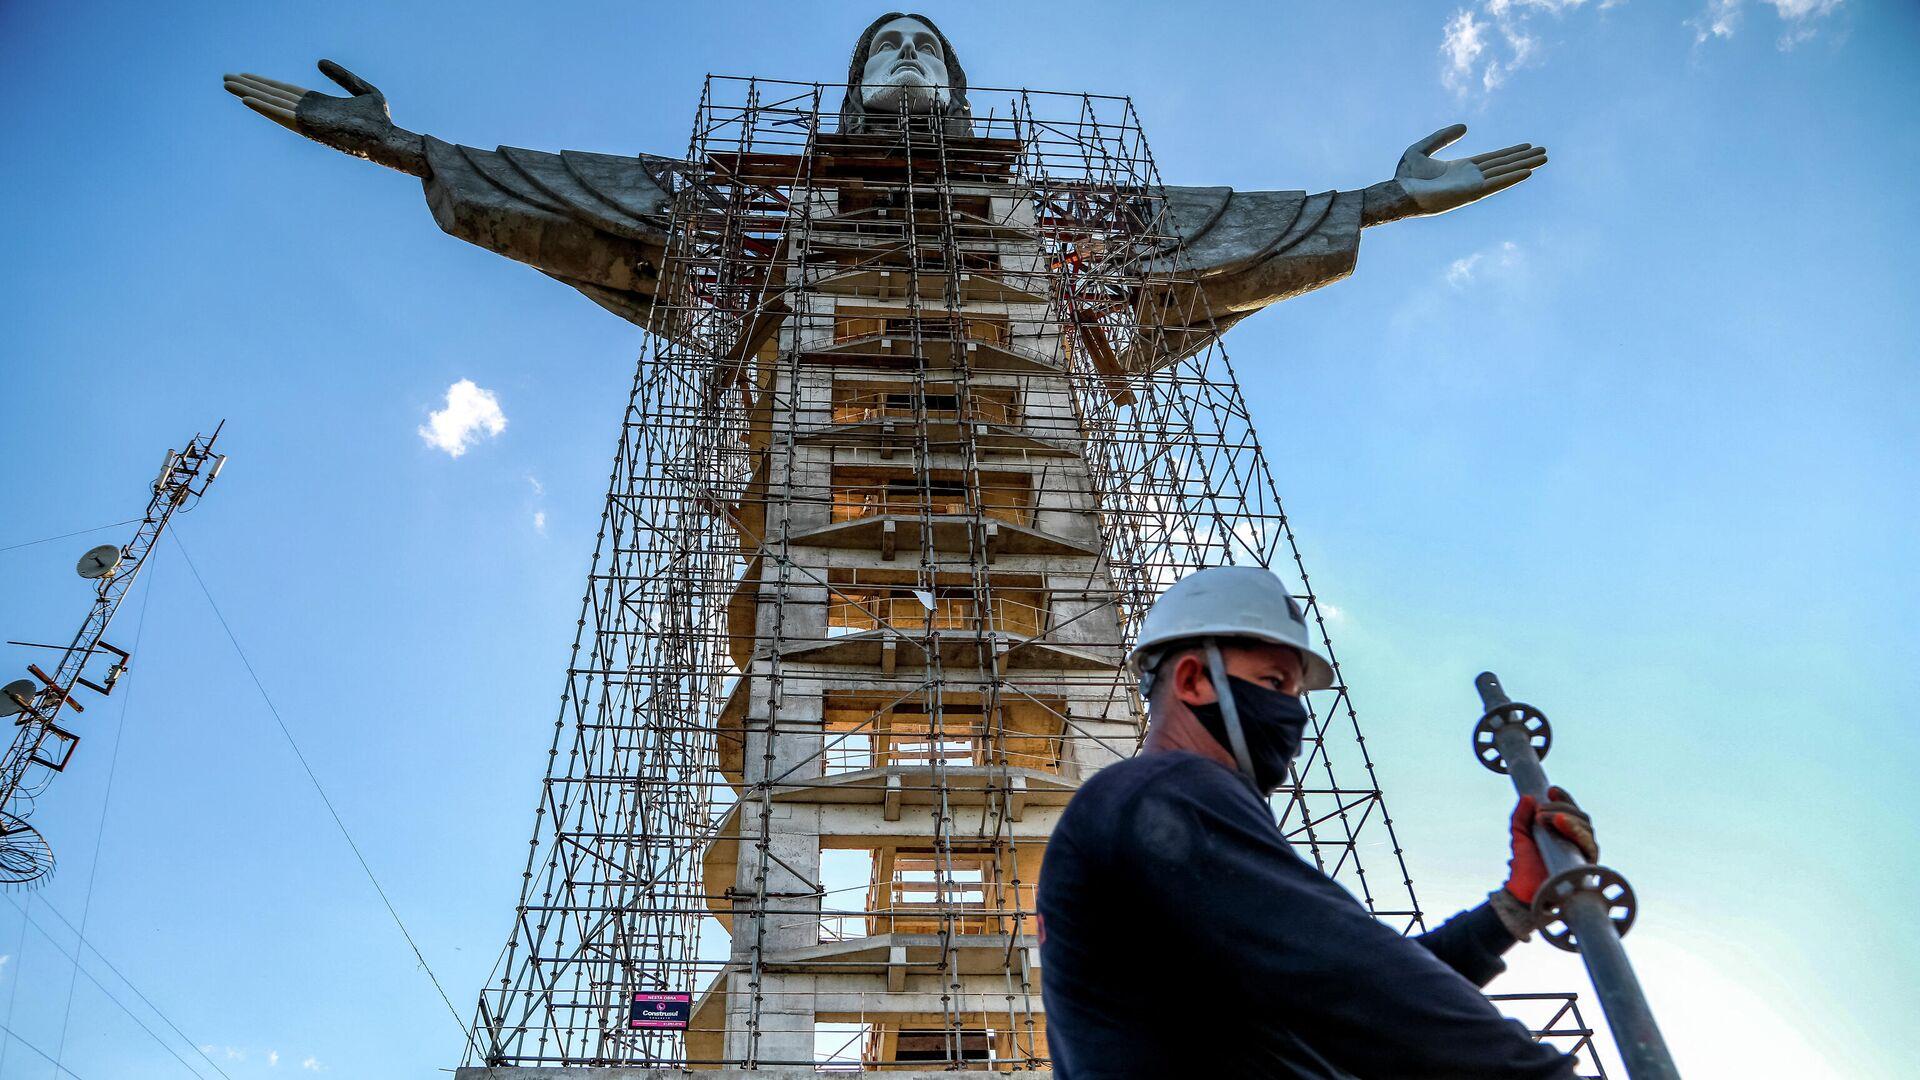 Новая статуя Христа-Искупителя в городе Энкантадо, Бразилия - РИА Новости, 1920, 12.04.2021